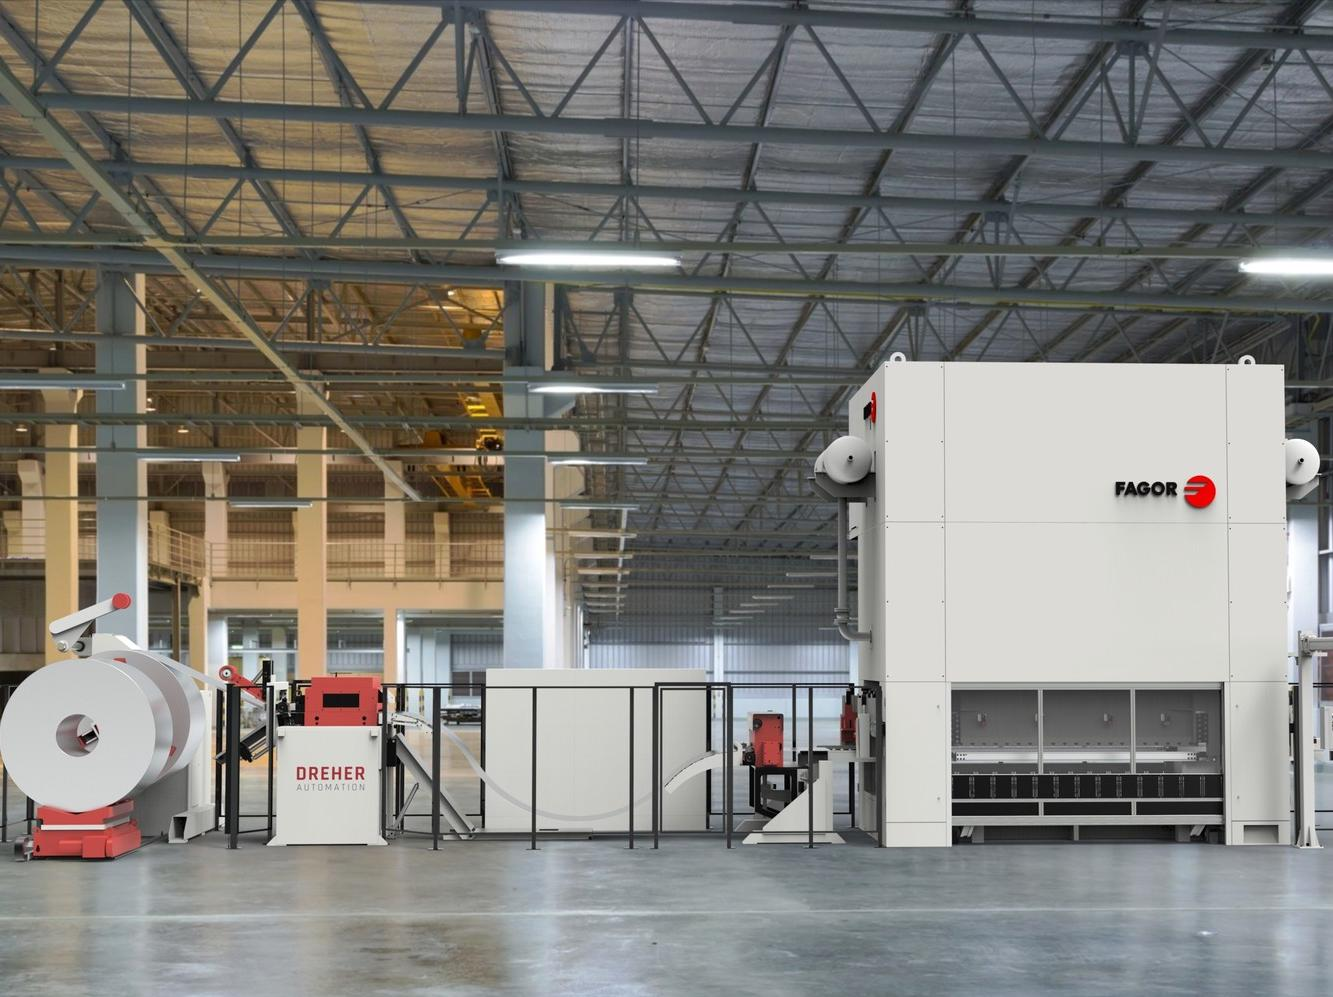 Fagor Arrasate und Dreher Automation präsentierten auf der Blechexpo ihre neue Pressenreihe mit 6.300 kN, 8.000 kN und 10.000 kN.